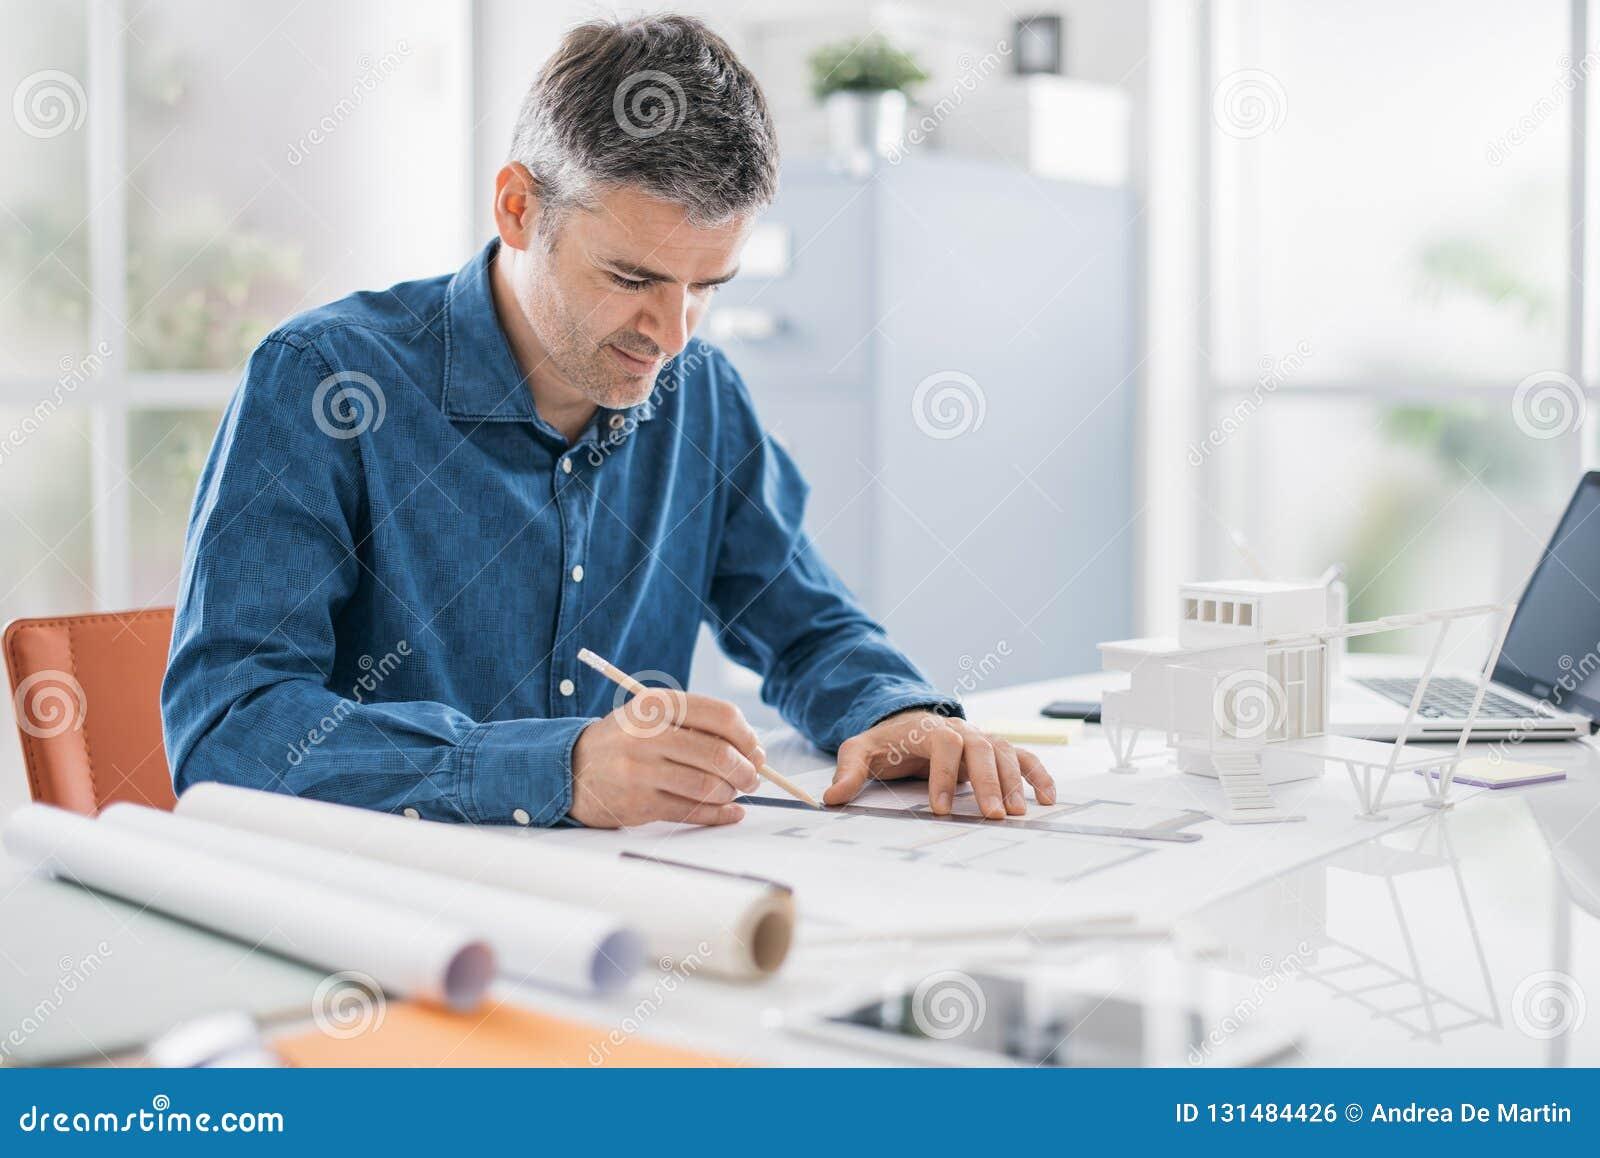 Disegno Uomo Alla Scrivania : Architetto professionista che lavora alla scrivania è disegnante